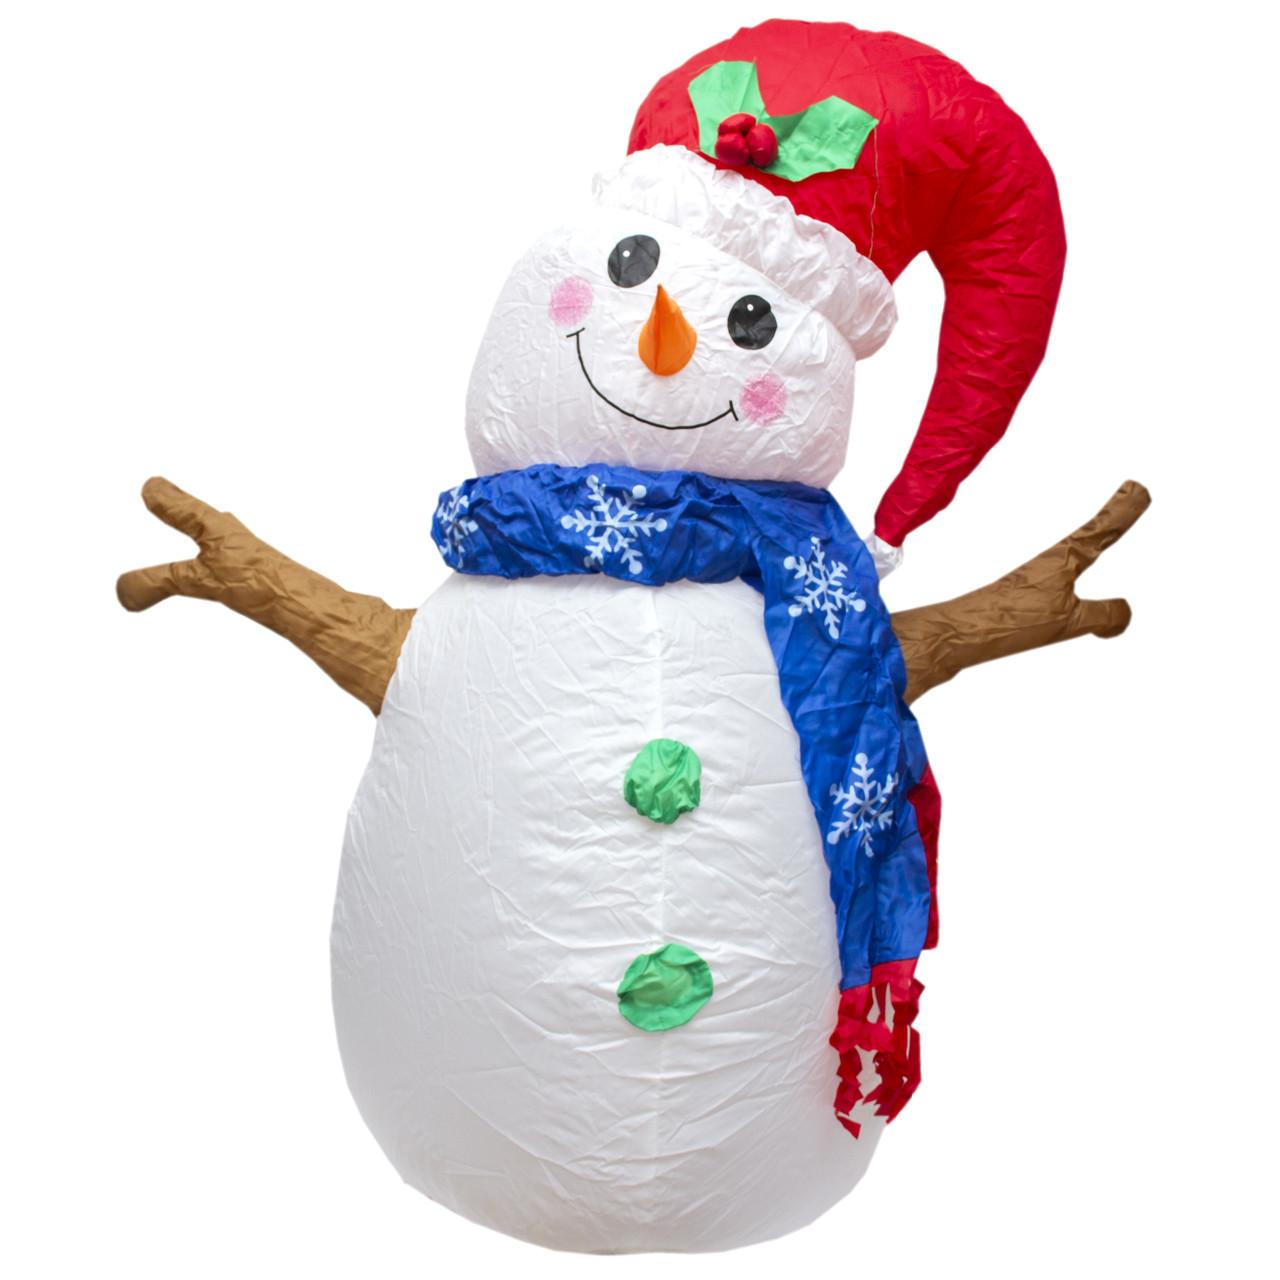 Уличная декорация Надувной снеговик, бело-красный, 120 см (350865)